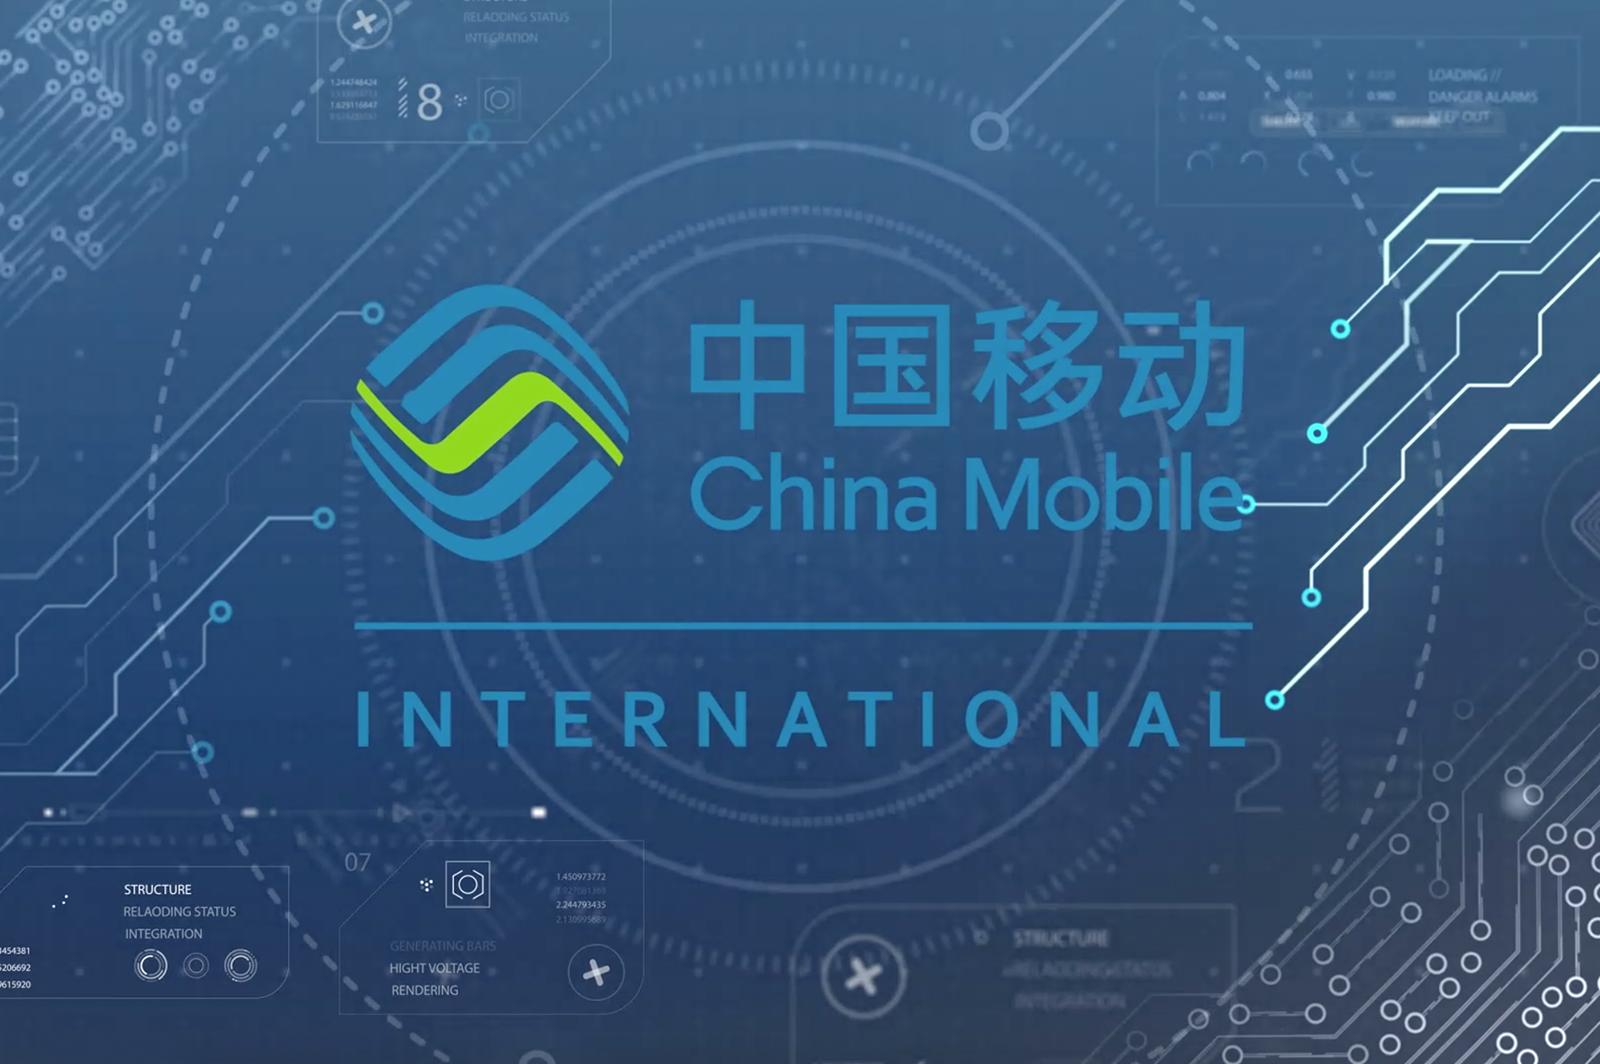 中国移动法国子公司开幕典礼